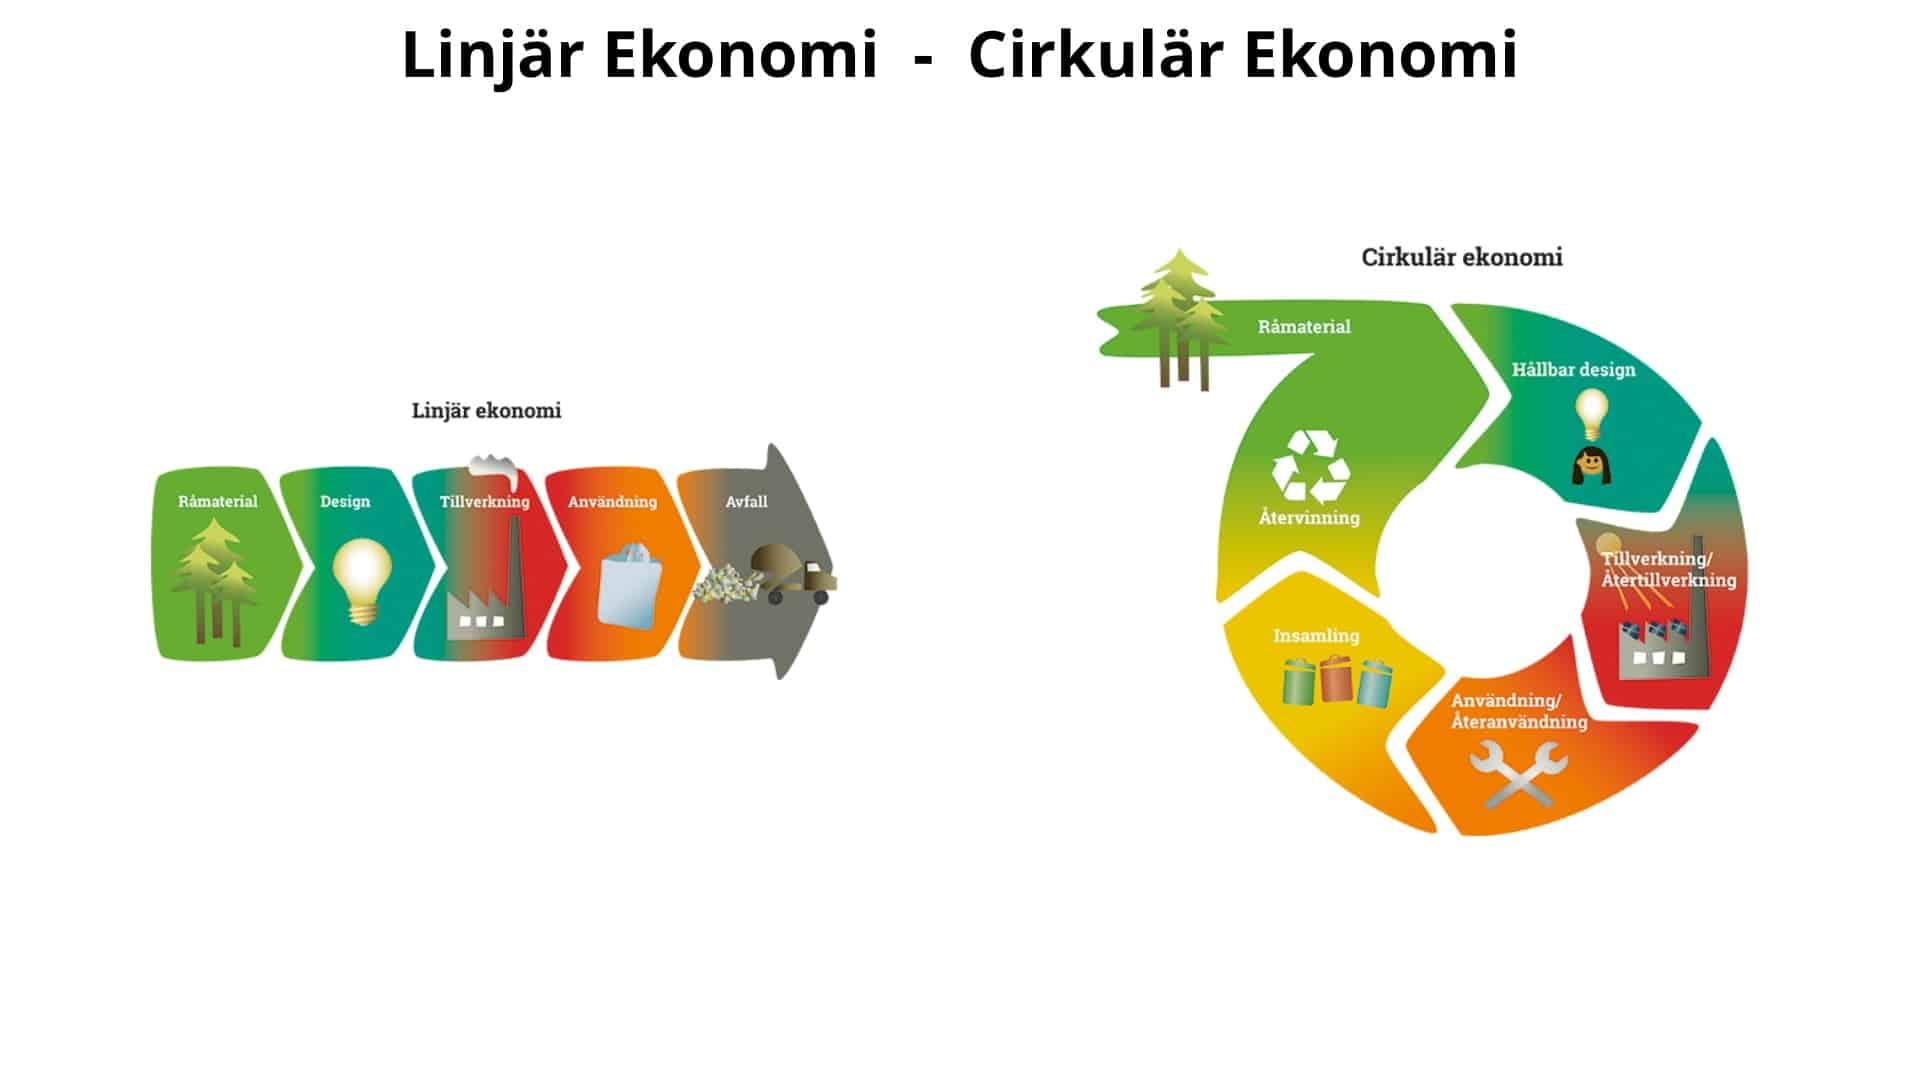 thefuture, blogg, Linjär resp. cirkulär ekonomi